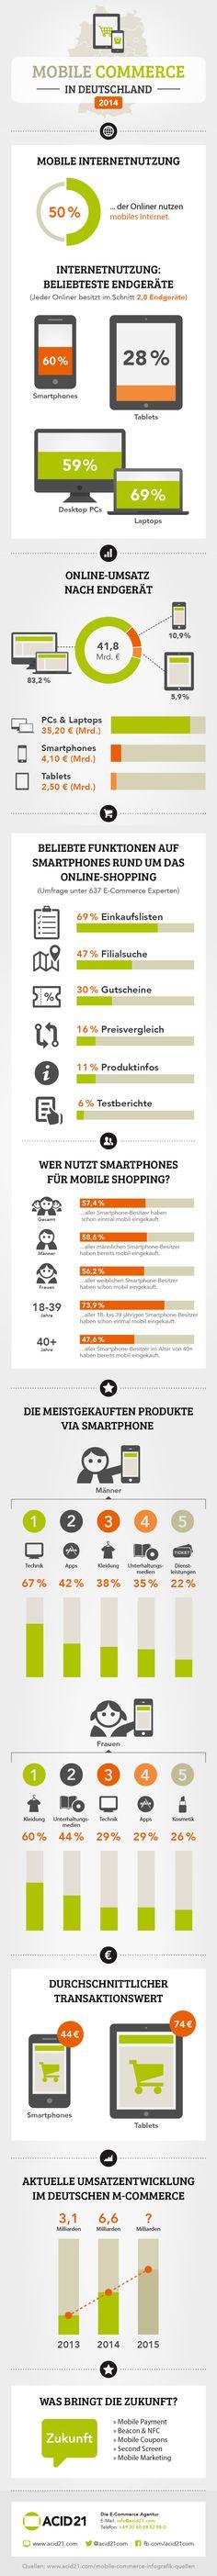 Mobilfunk und Shopping: Mobile Commerce in Deutschland